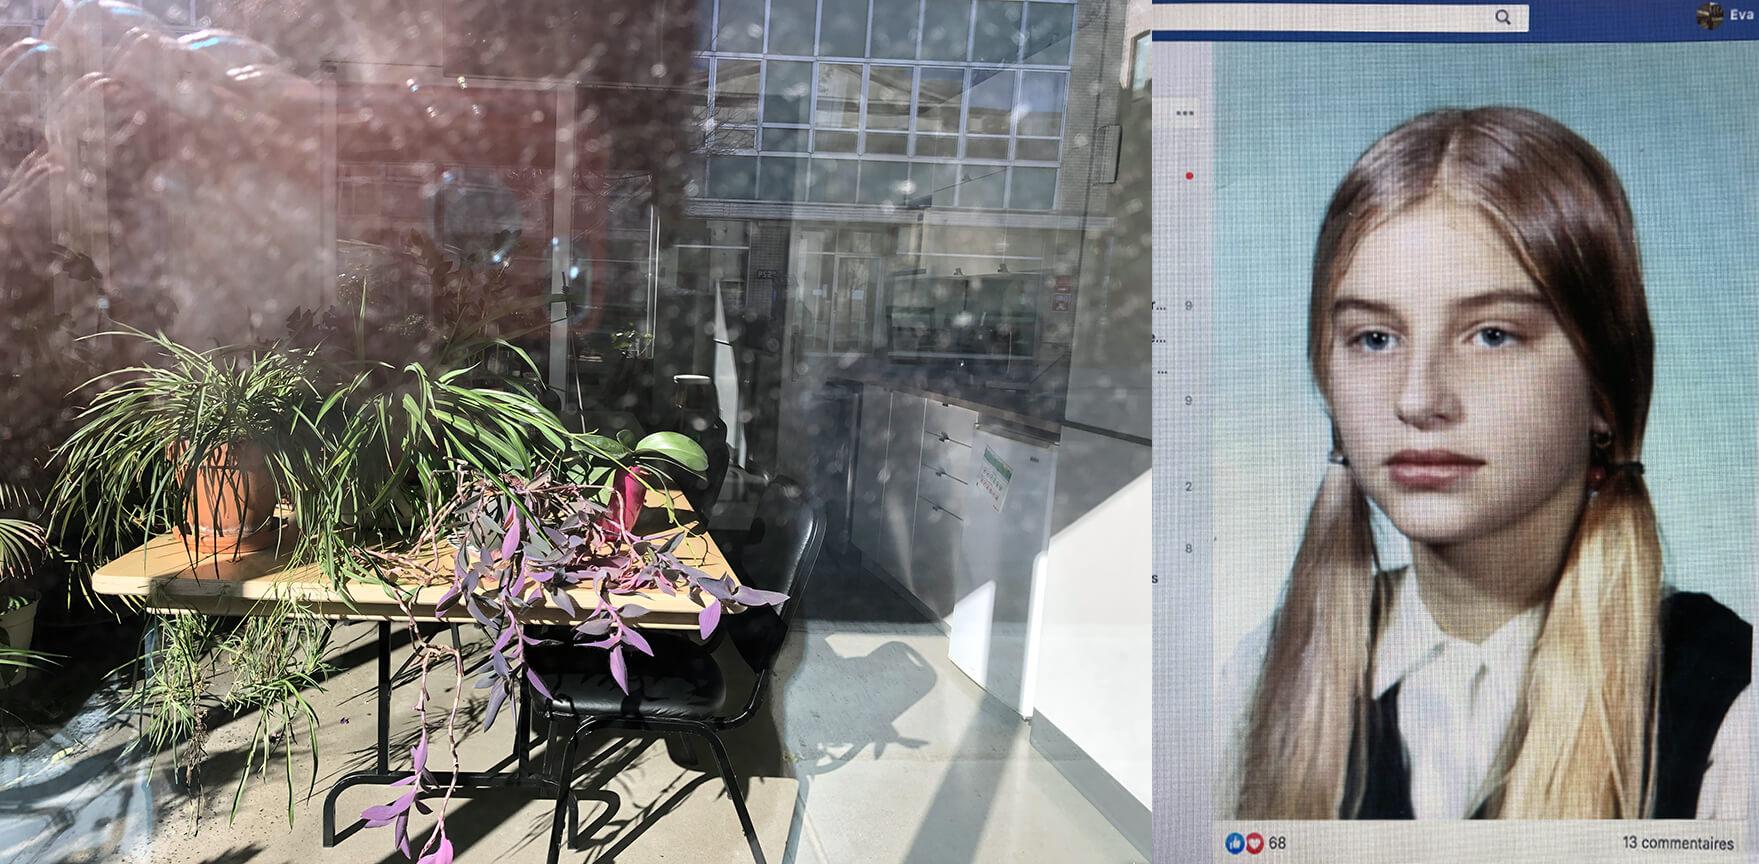 EQuintas_montage_plantes_portraits_avril20 copie